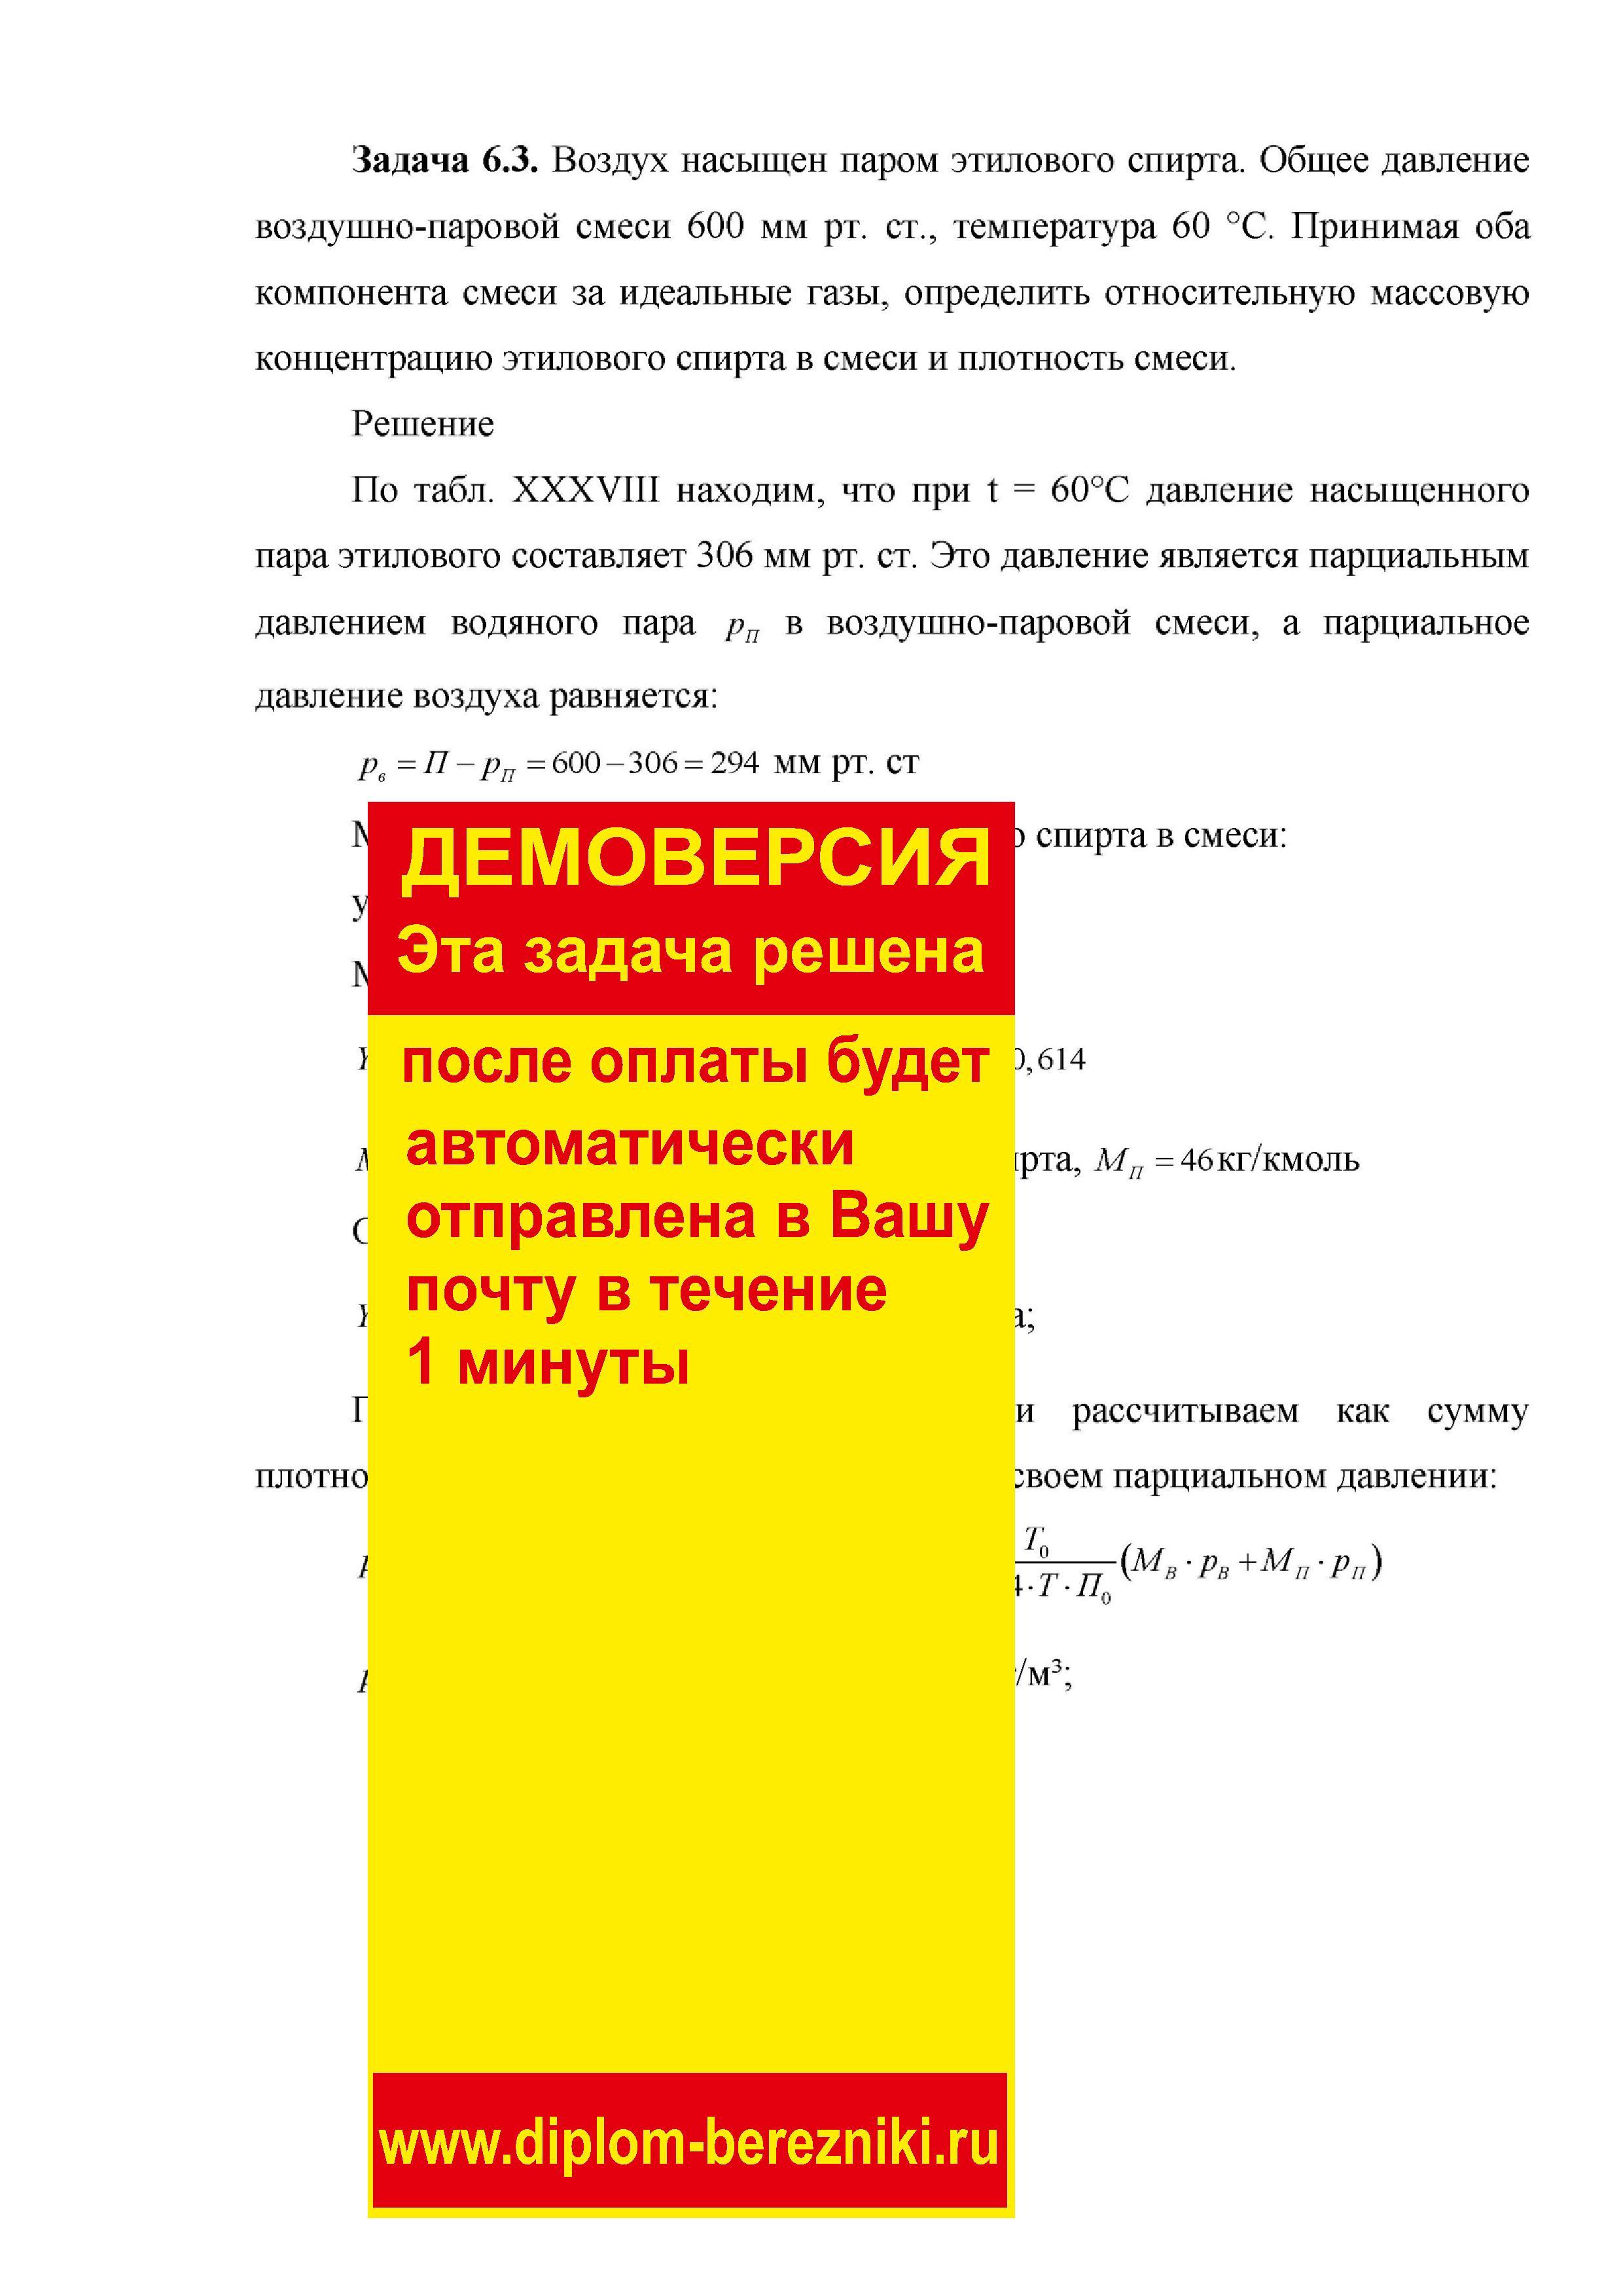 Решение задачи 6.3 по ПАХТ из задачника Павлова Романкова Носкова